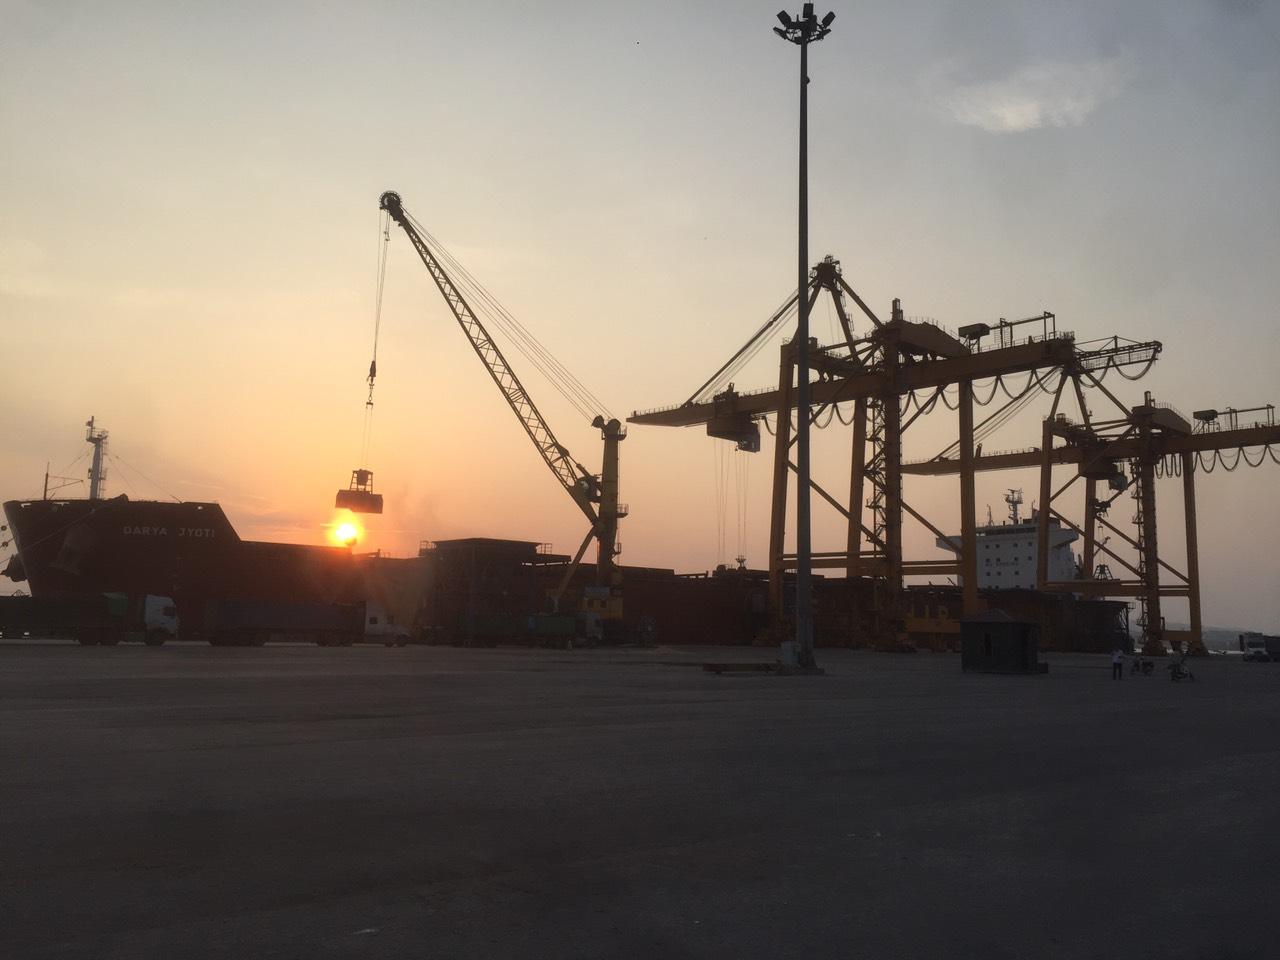 Tầu Darya Jyoti Ngô, khô đậu cảng Cái Lân